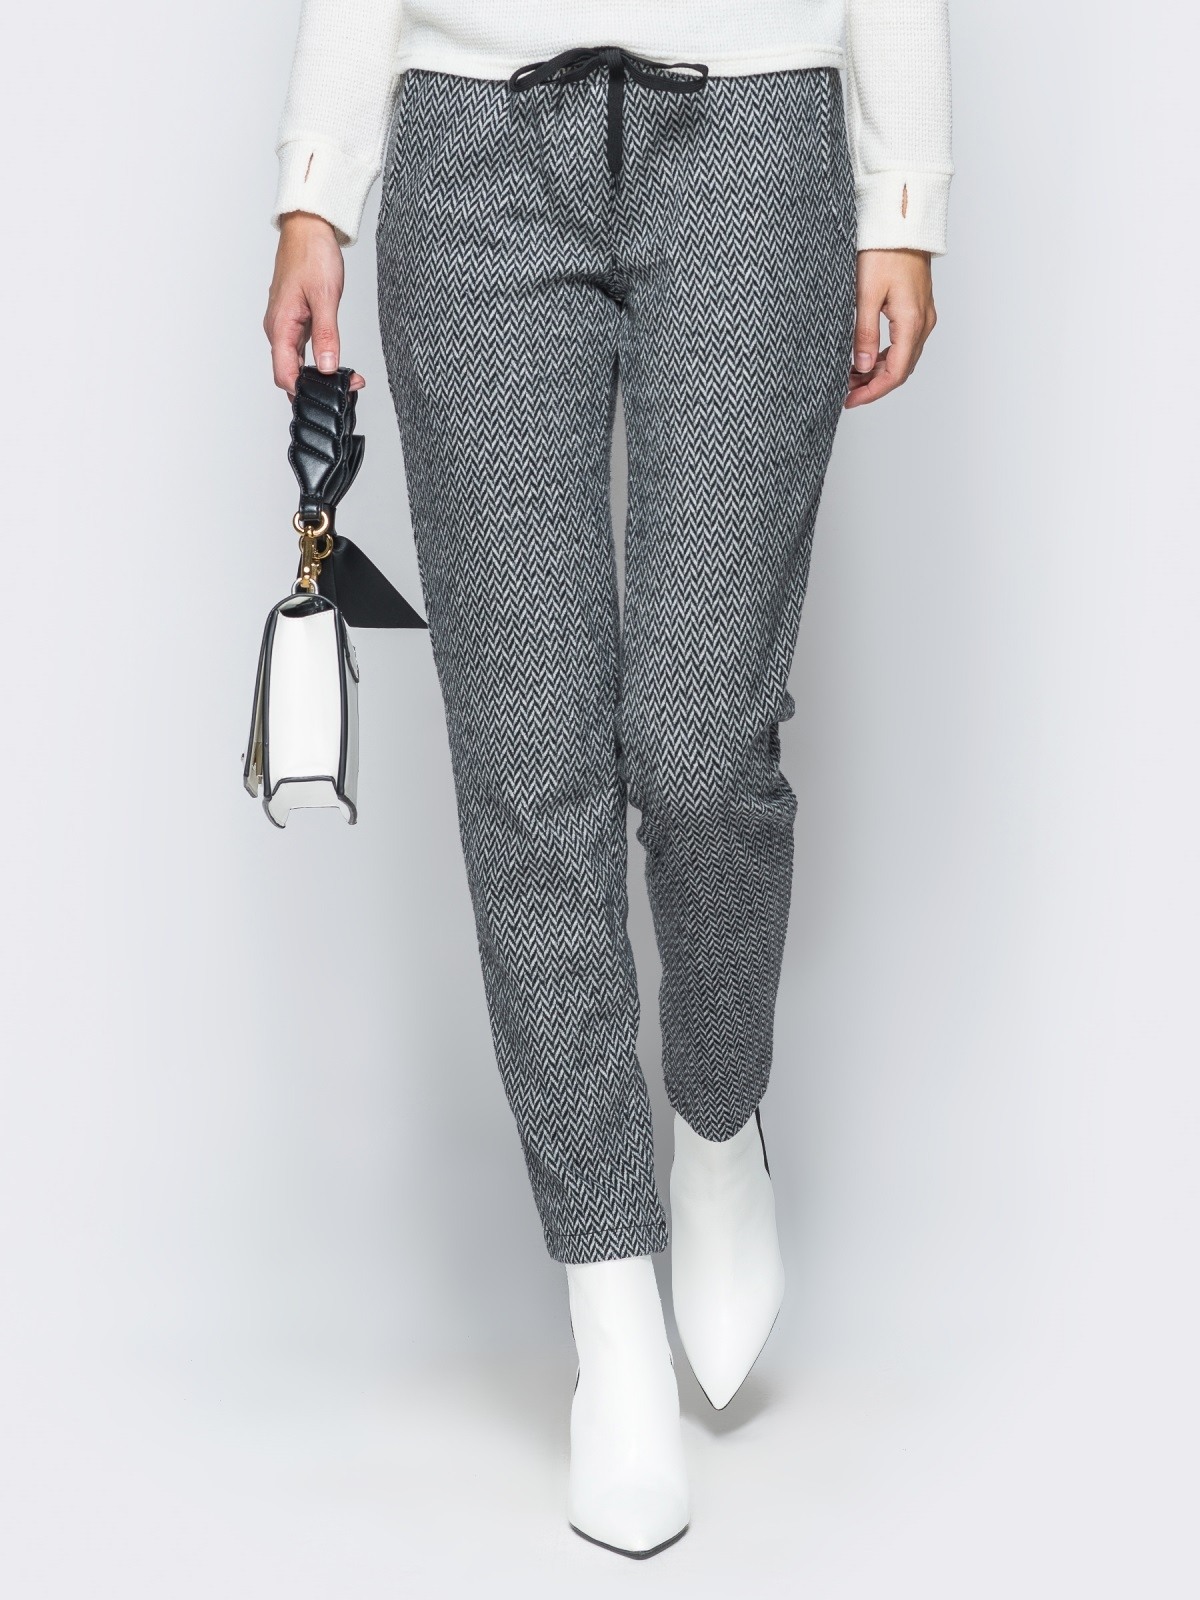 Жаккардовые брюки светло-серого цвета - 17756, фото 1 – интернет-магазин Dressa